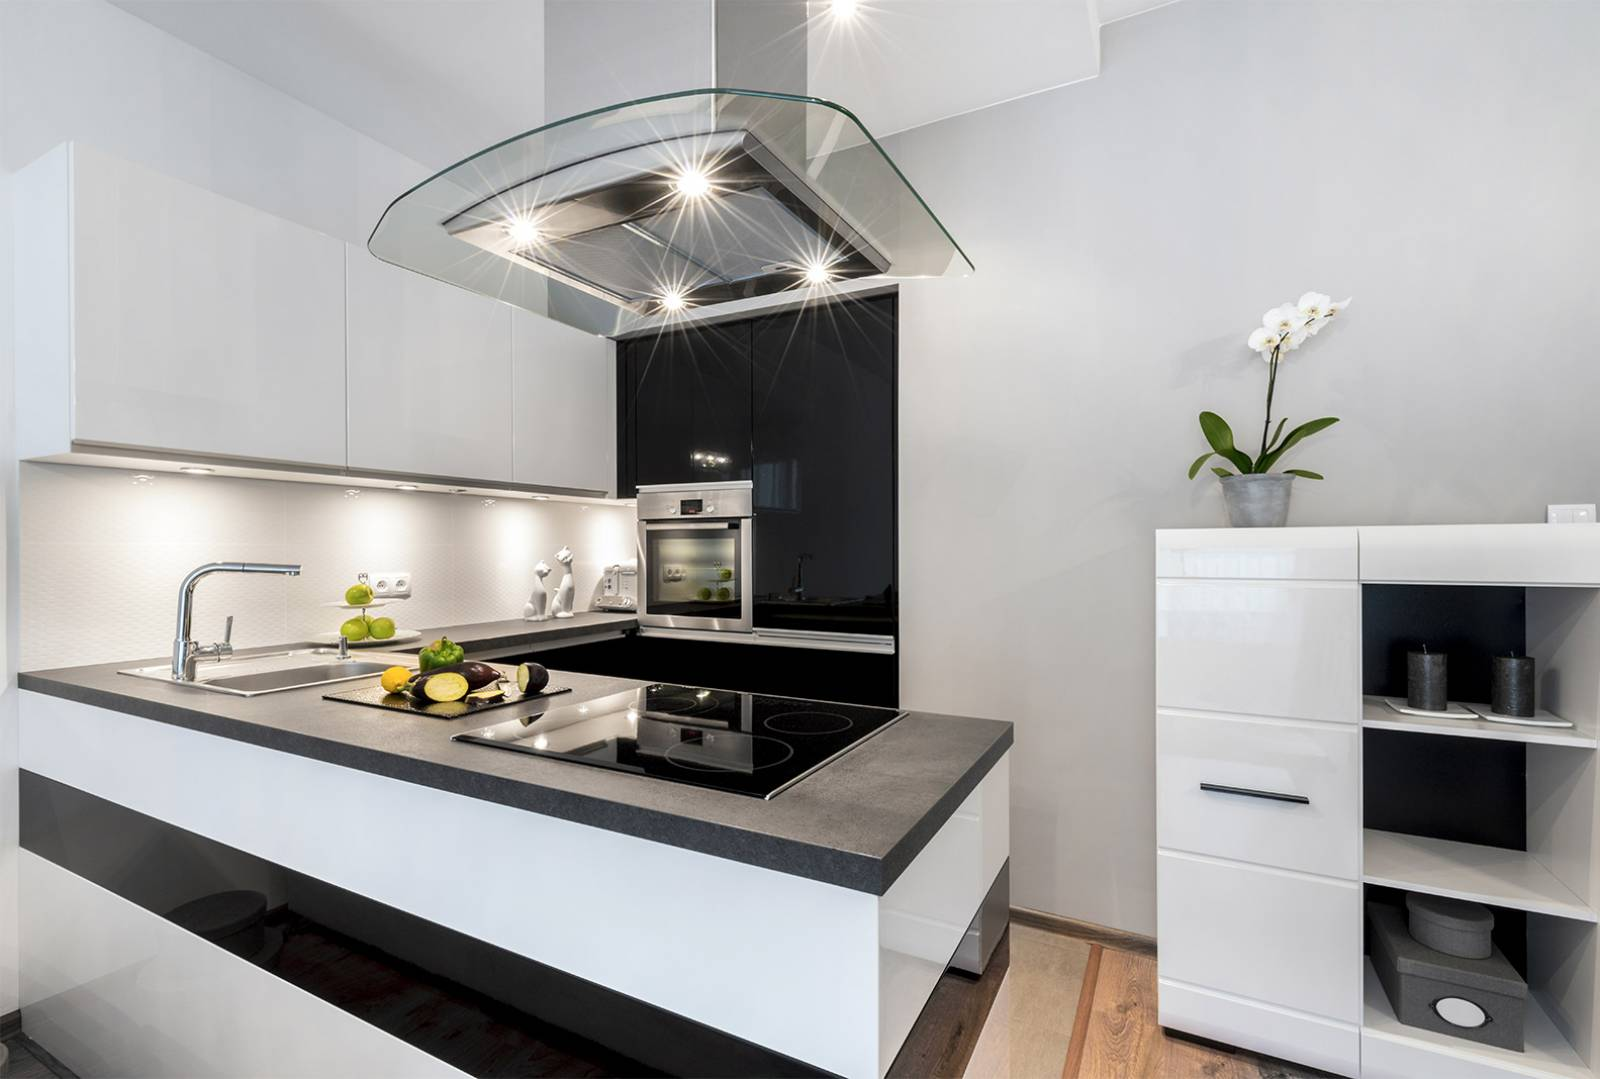 fabrication et vente de plans de travail bordeaux silgranit 33. Black Bedroom Furniture Sets. Home Design Ideas